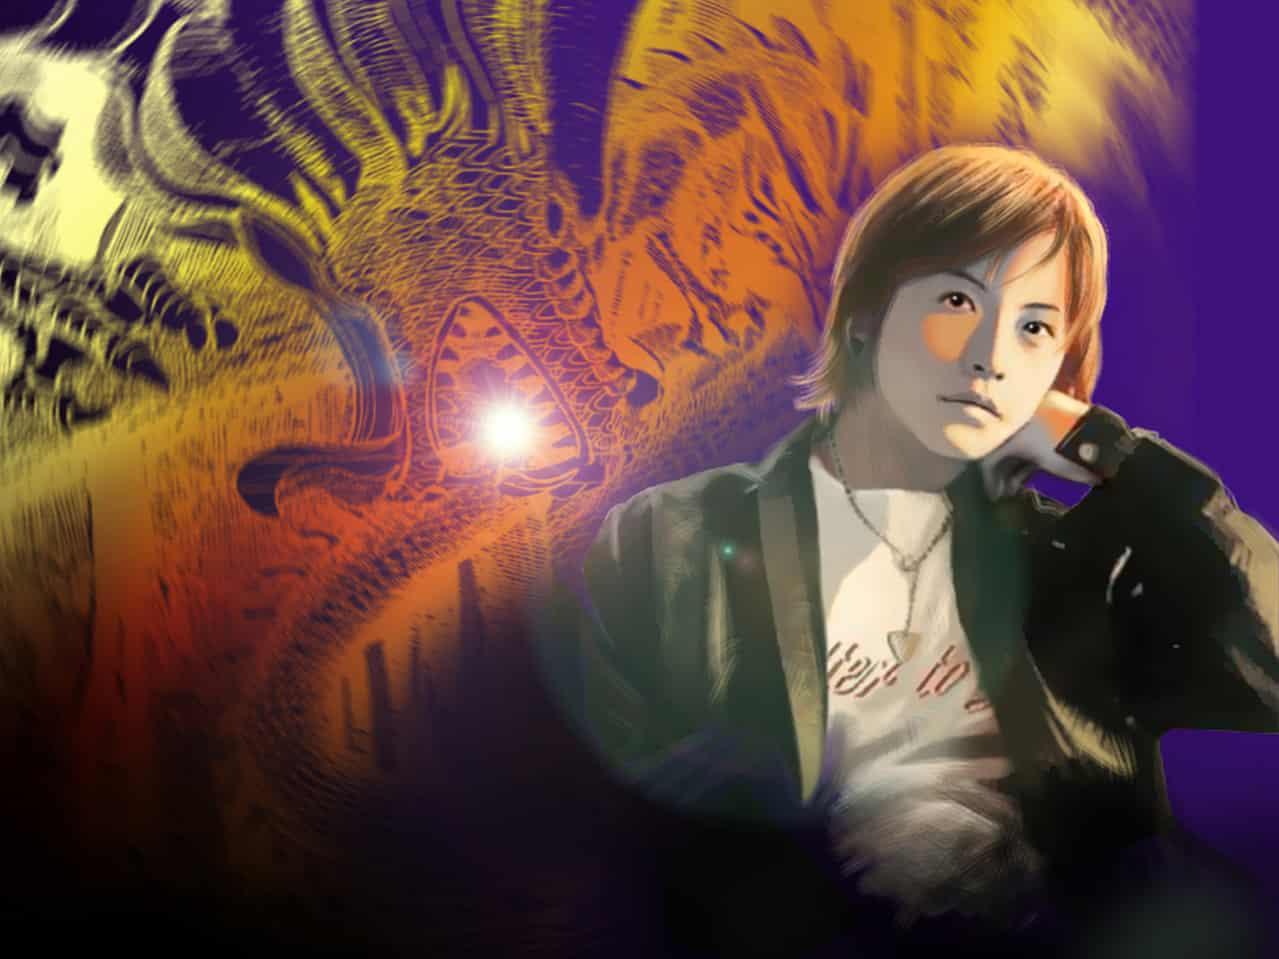 2004年幫朋友畫的日本明星,其實我都不認識XD Illust of 虎三